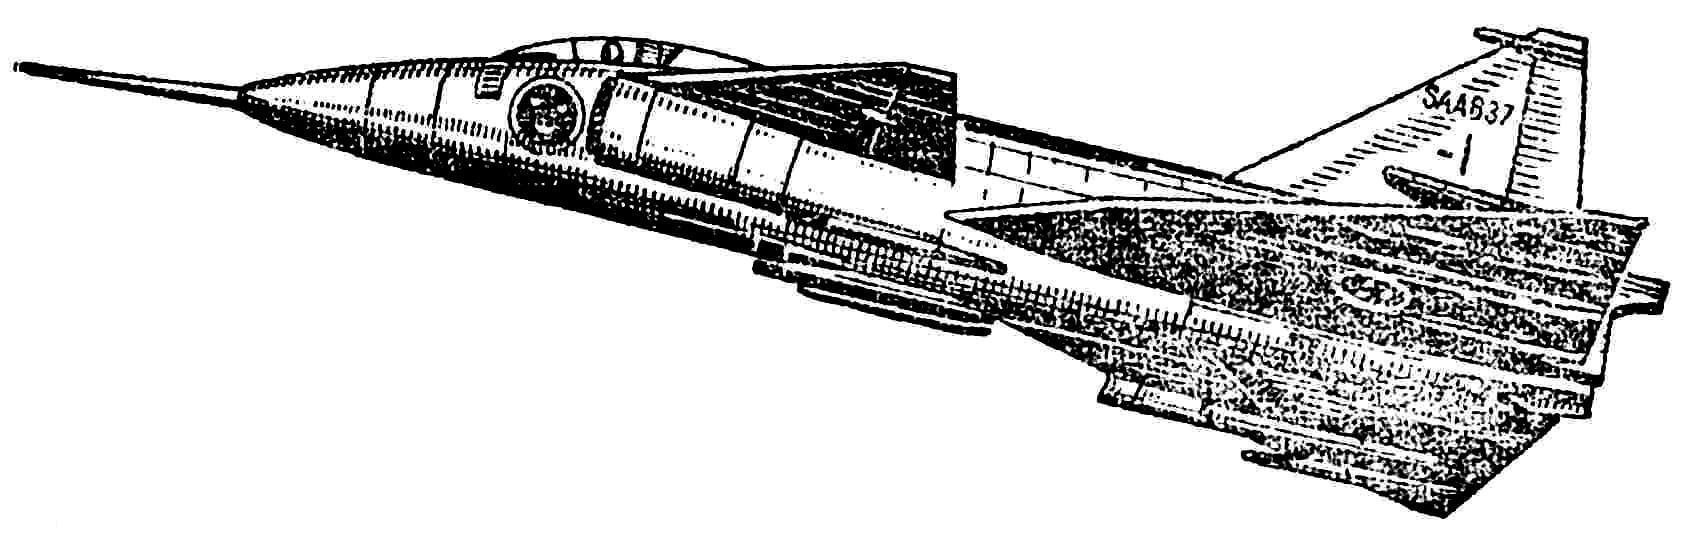 Рис. 2. Шведский сверхзвуковой истребитель «Сааб Вигген».